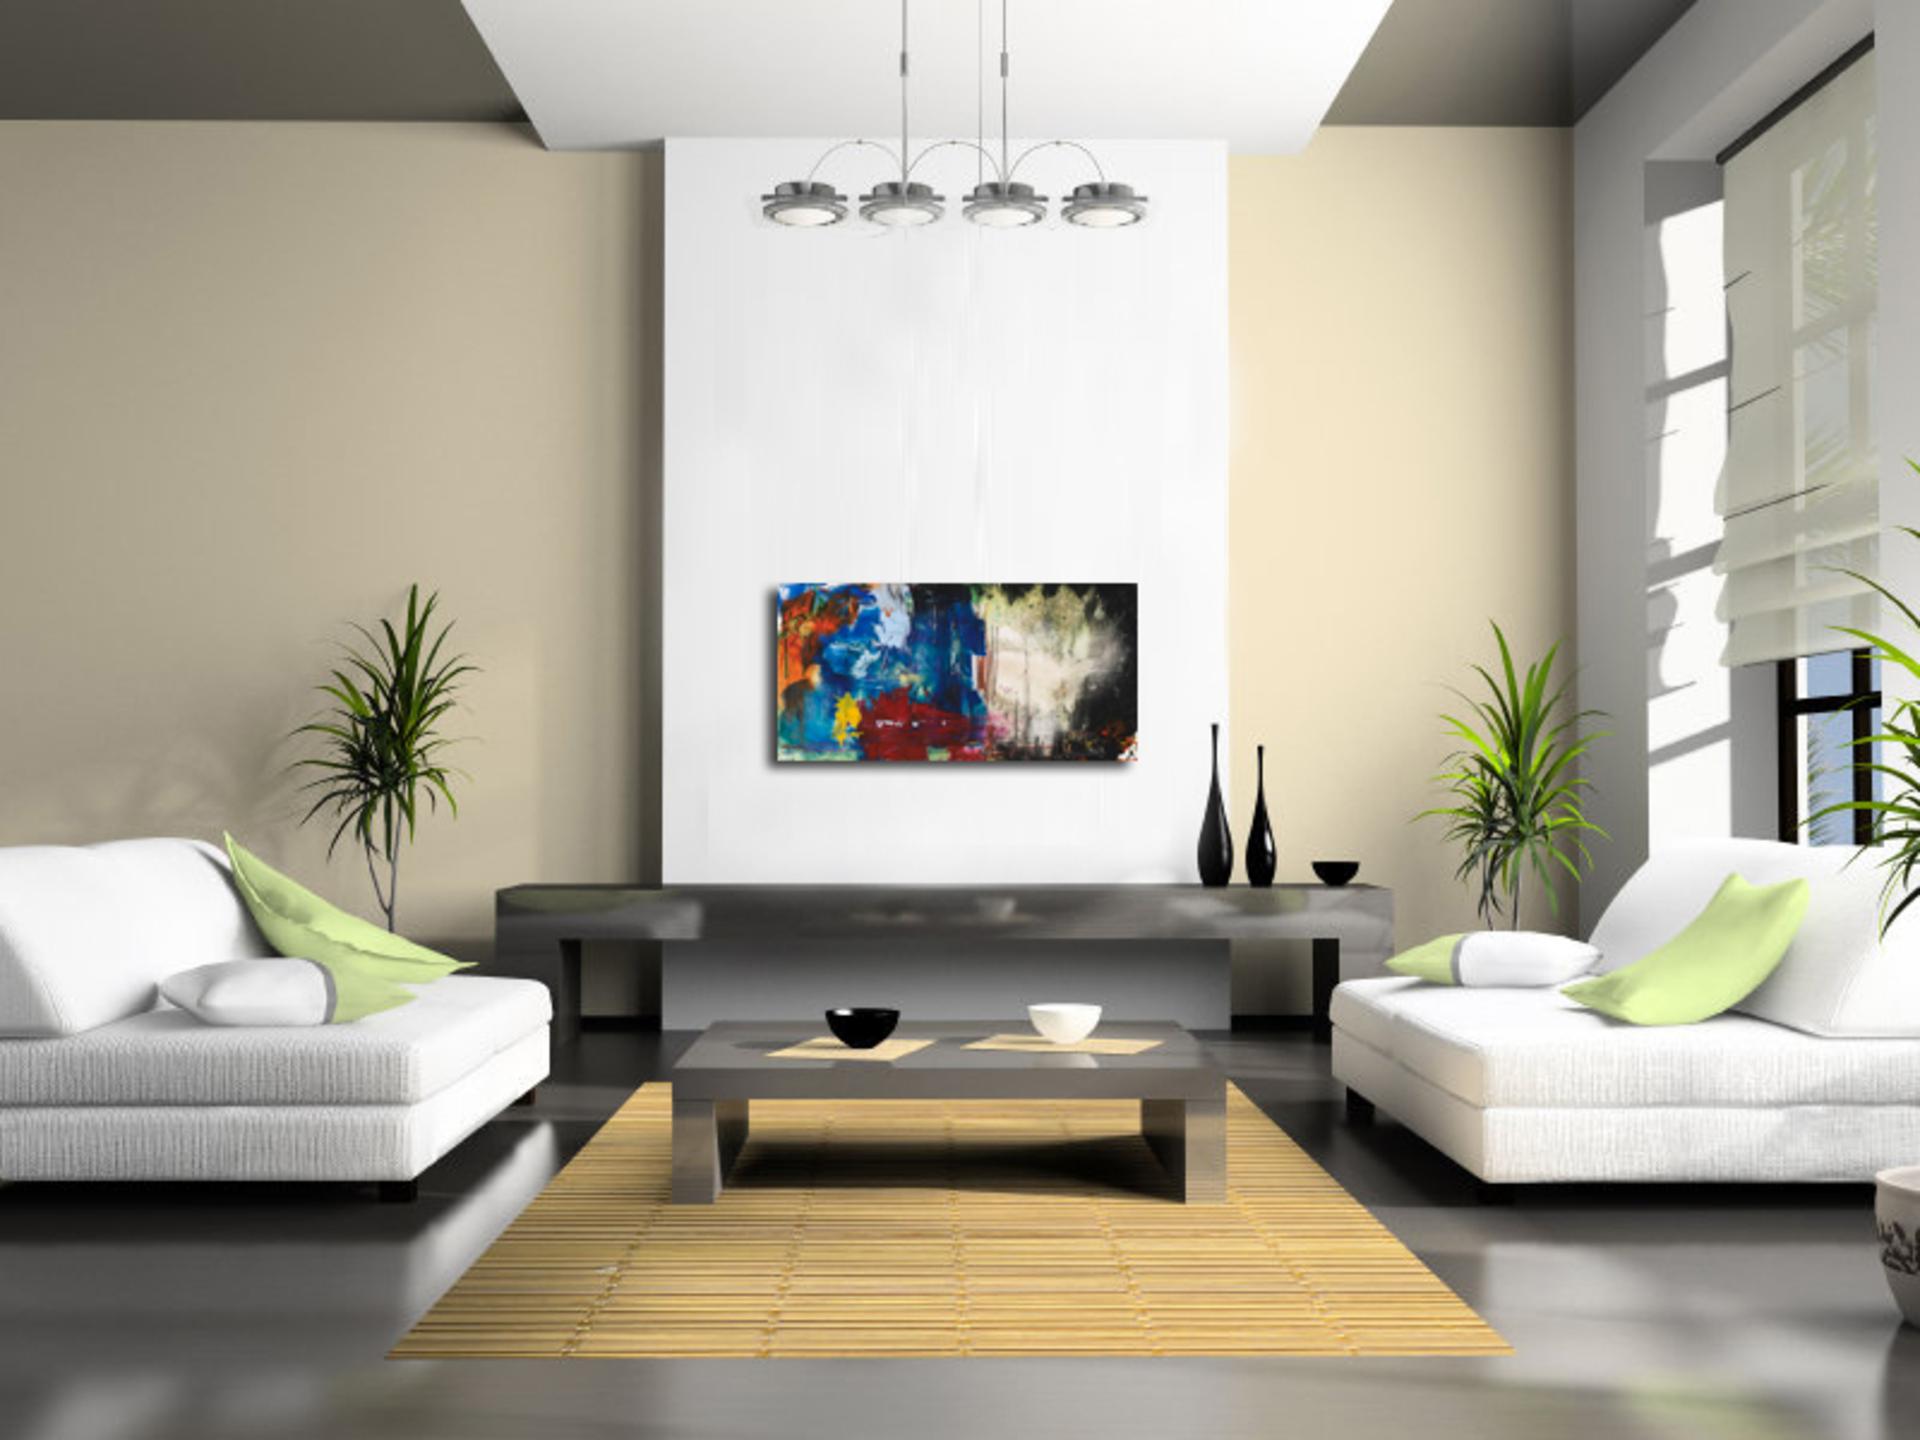 View In Gallery Dekorasi Ruang Tamu Minimalis Terbaru Dengan Susun Atur Perabot Yang Lengkap